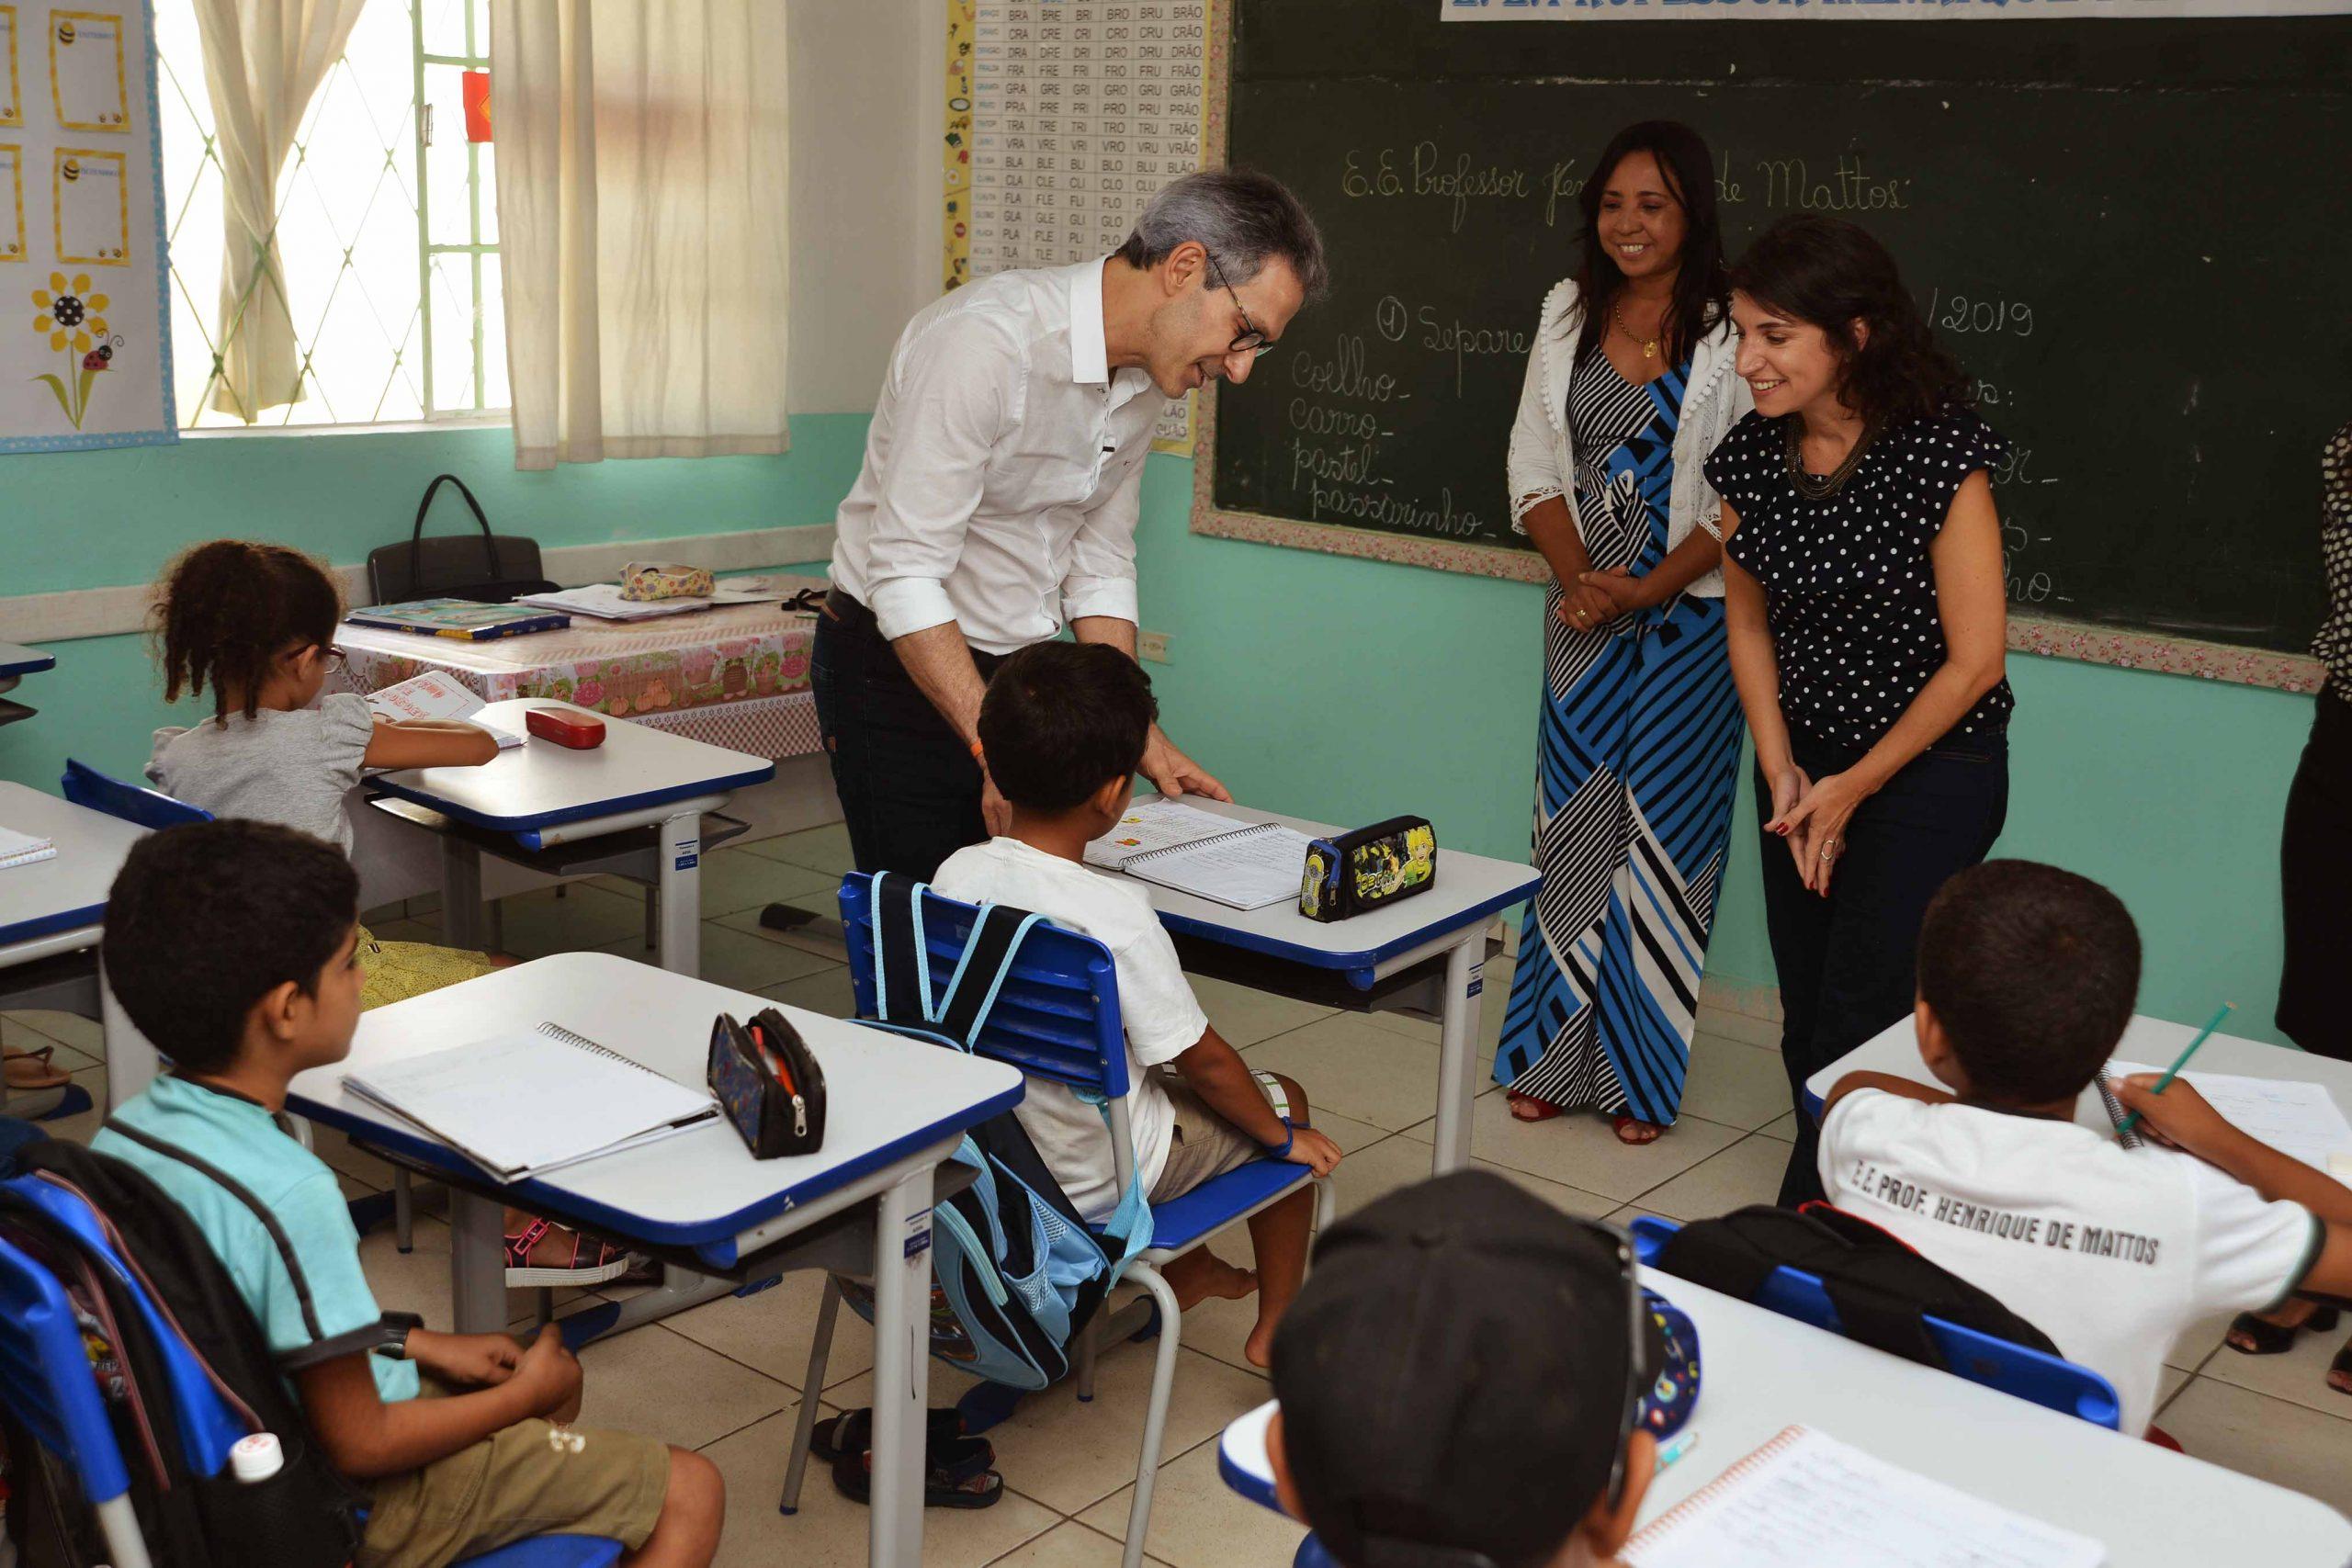 Governo de Minas anuncia presença obrigatória dos alunos nas salas de aula a partir de 3/11